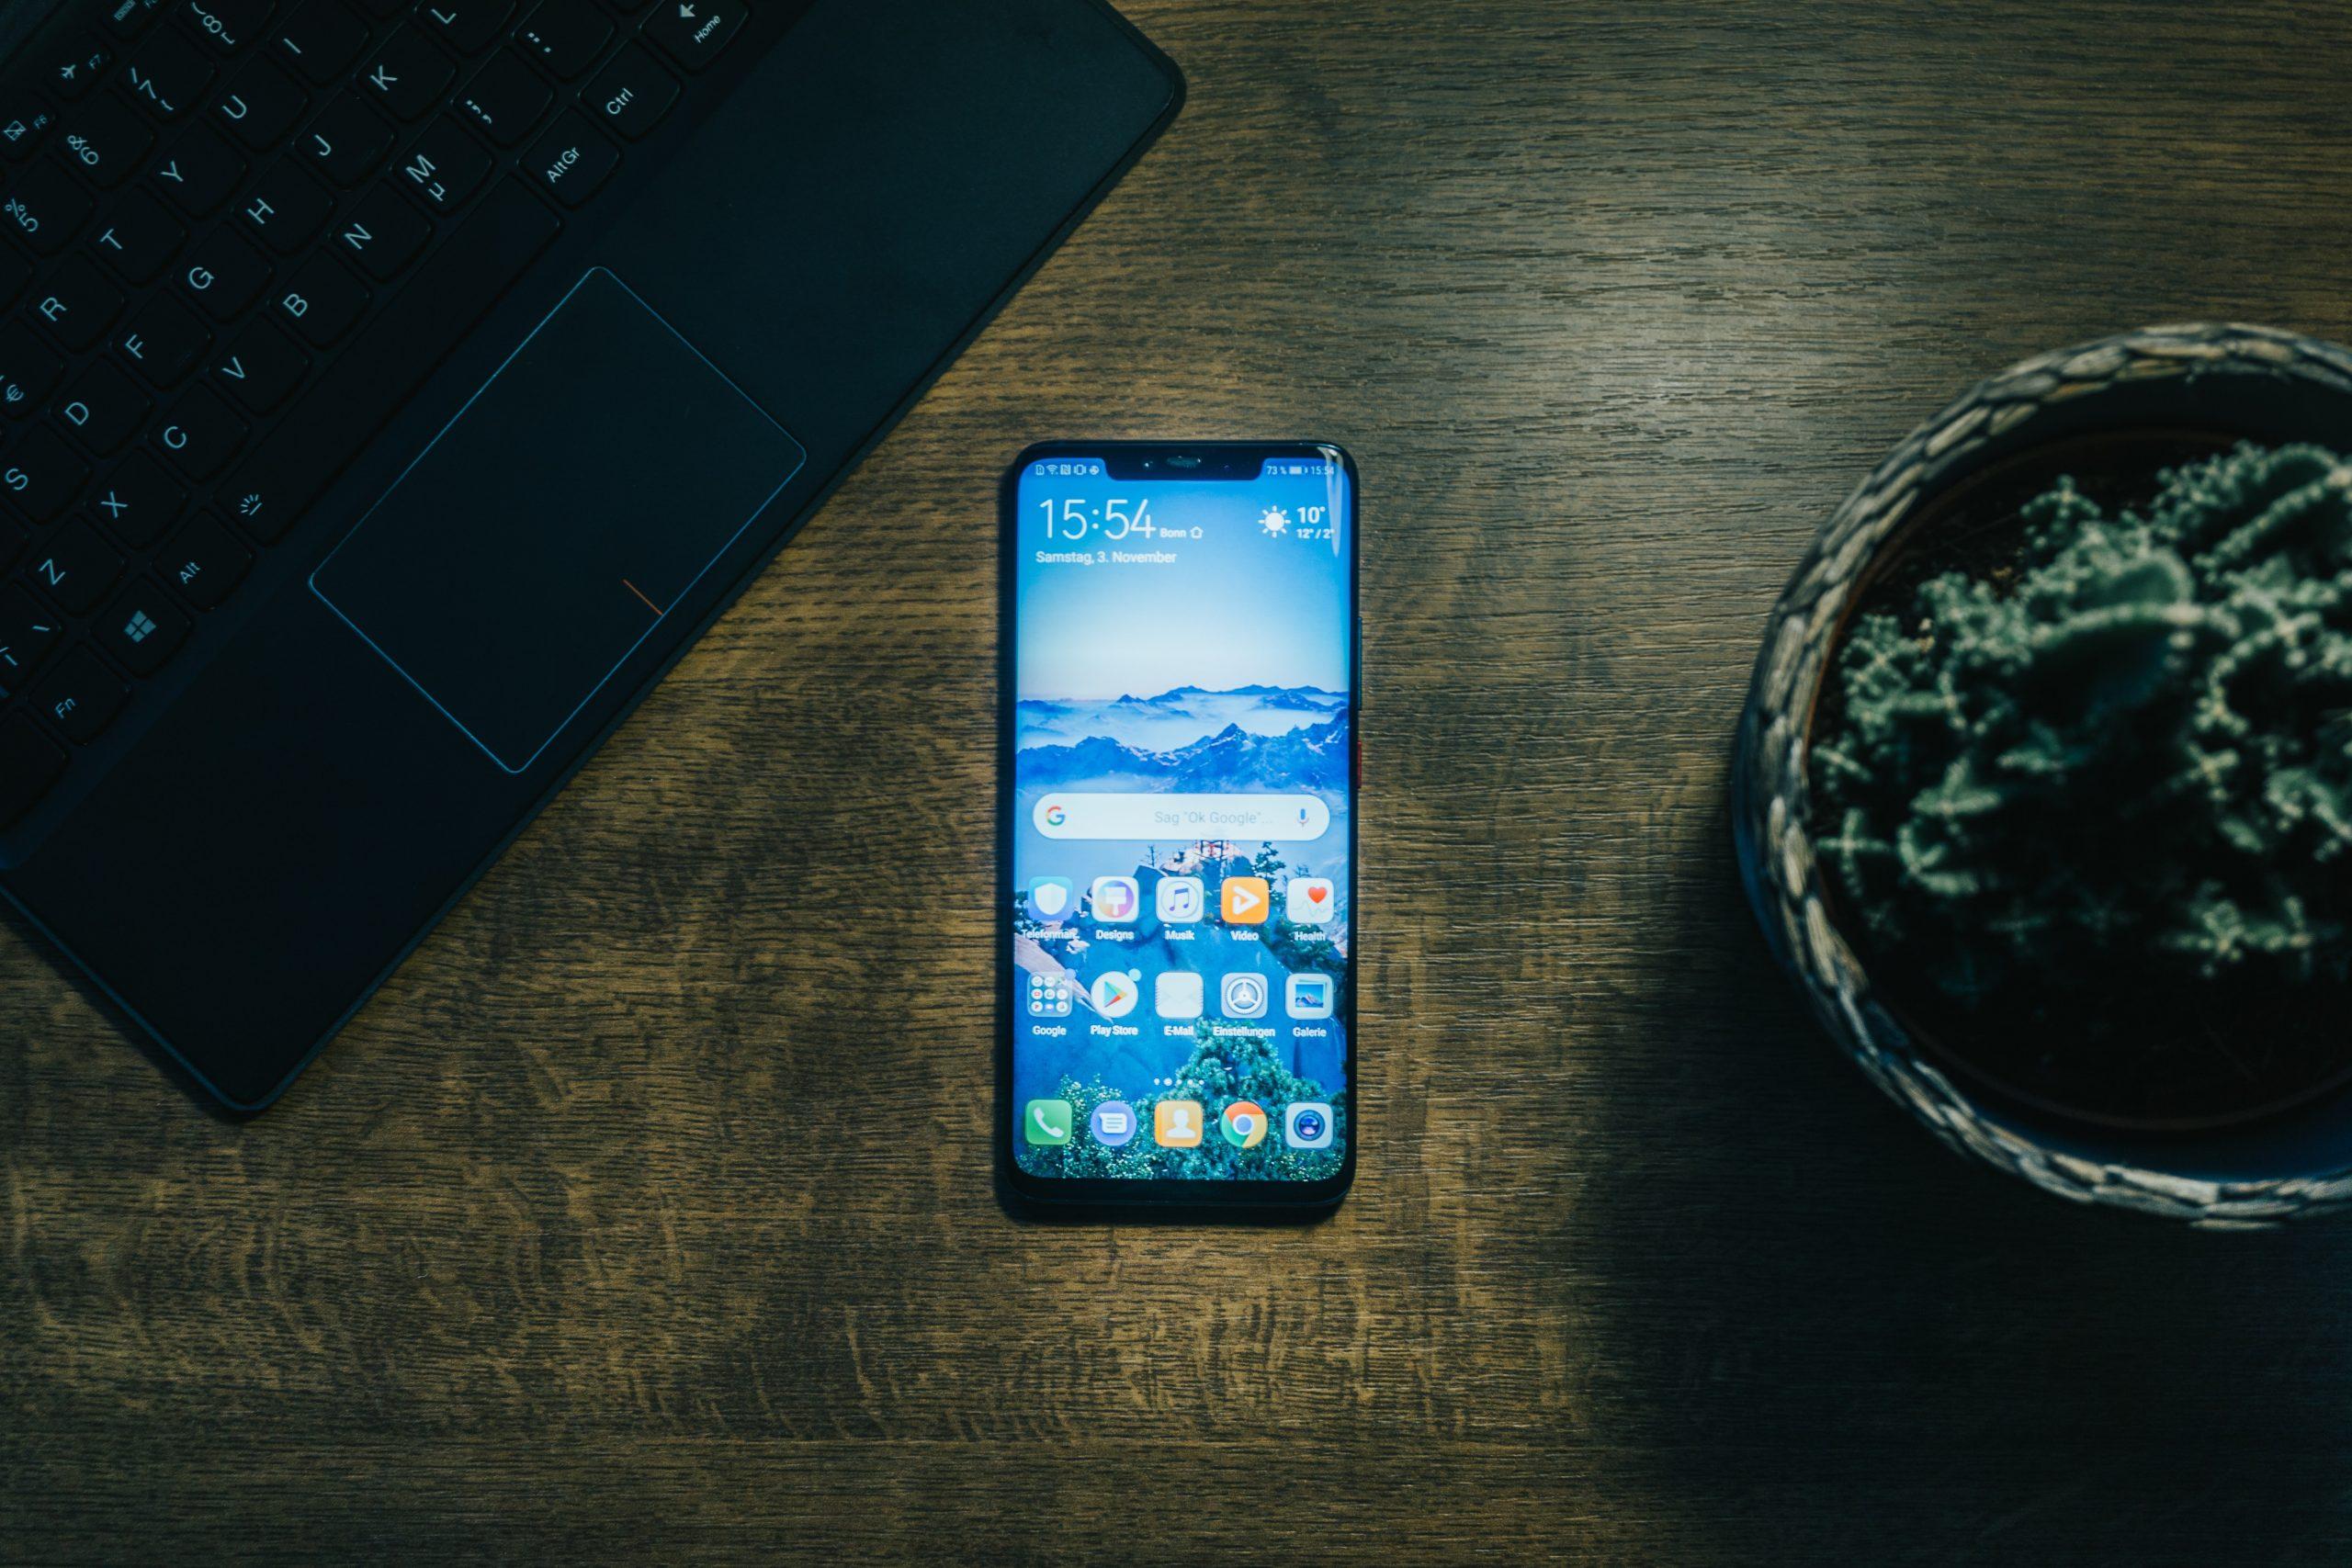 Nyt en raskere telefon med AVG Memory Cleaner